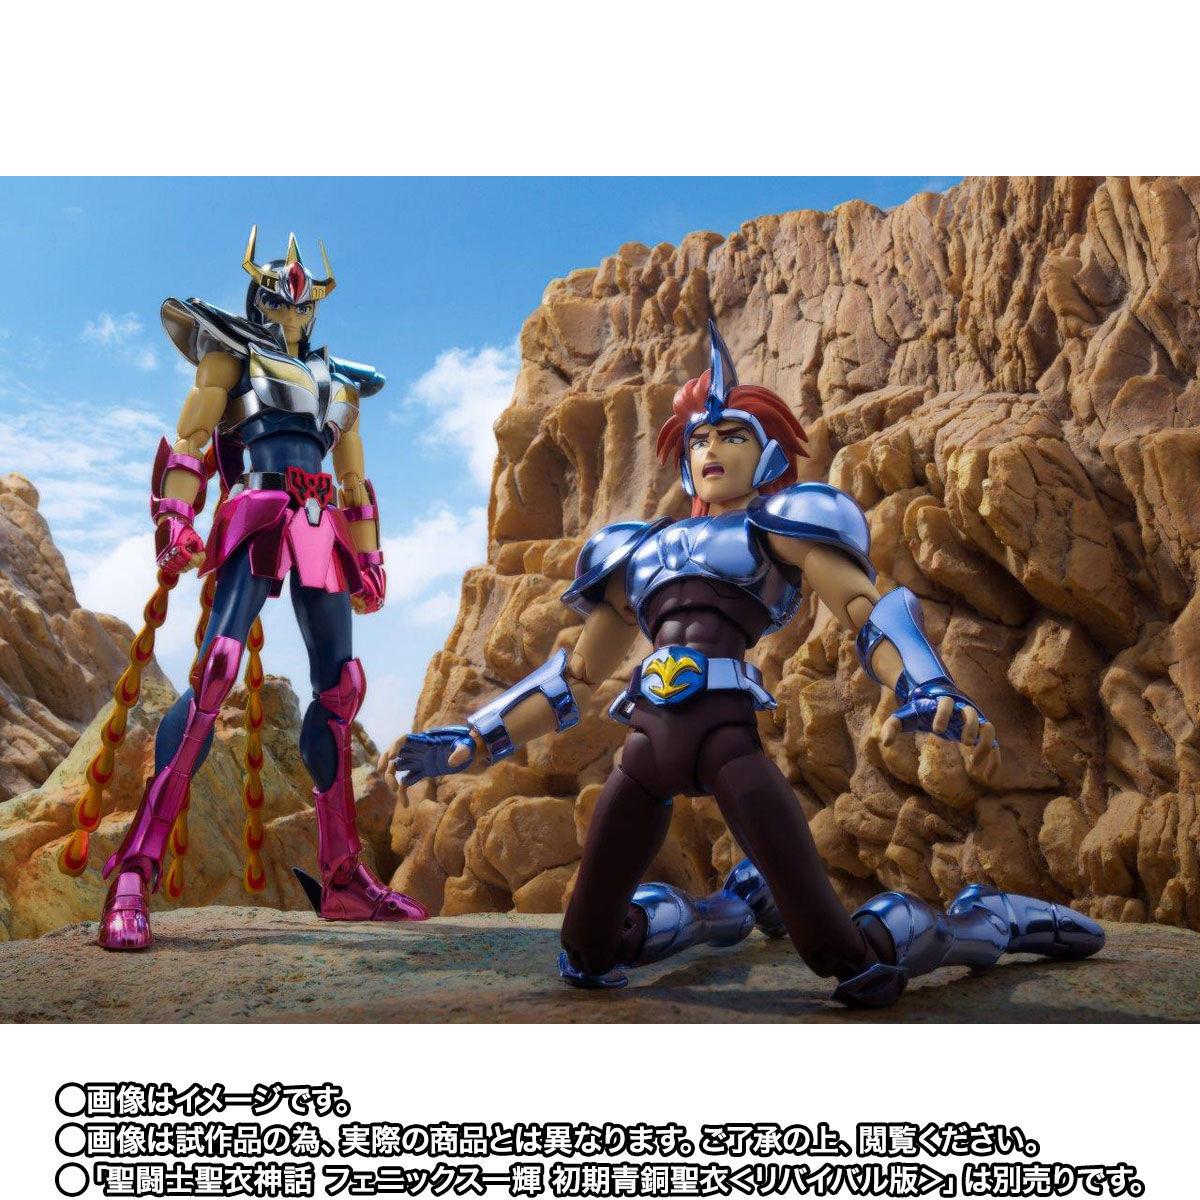 【限定販売】聖闘士聖衣神話EX『アウリガカペラ』聖闘士星矢 可動フィギュア-010